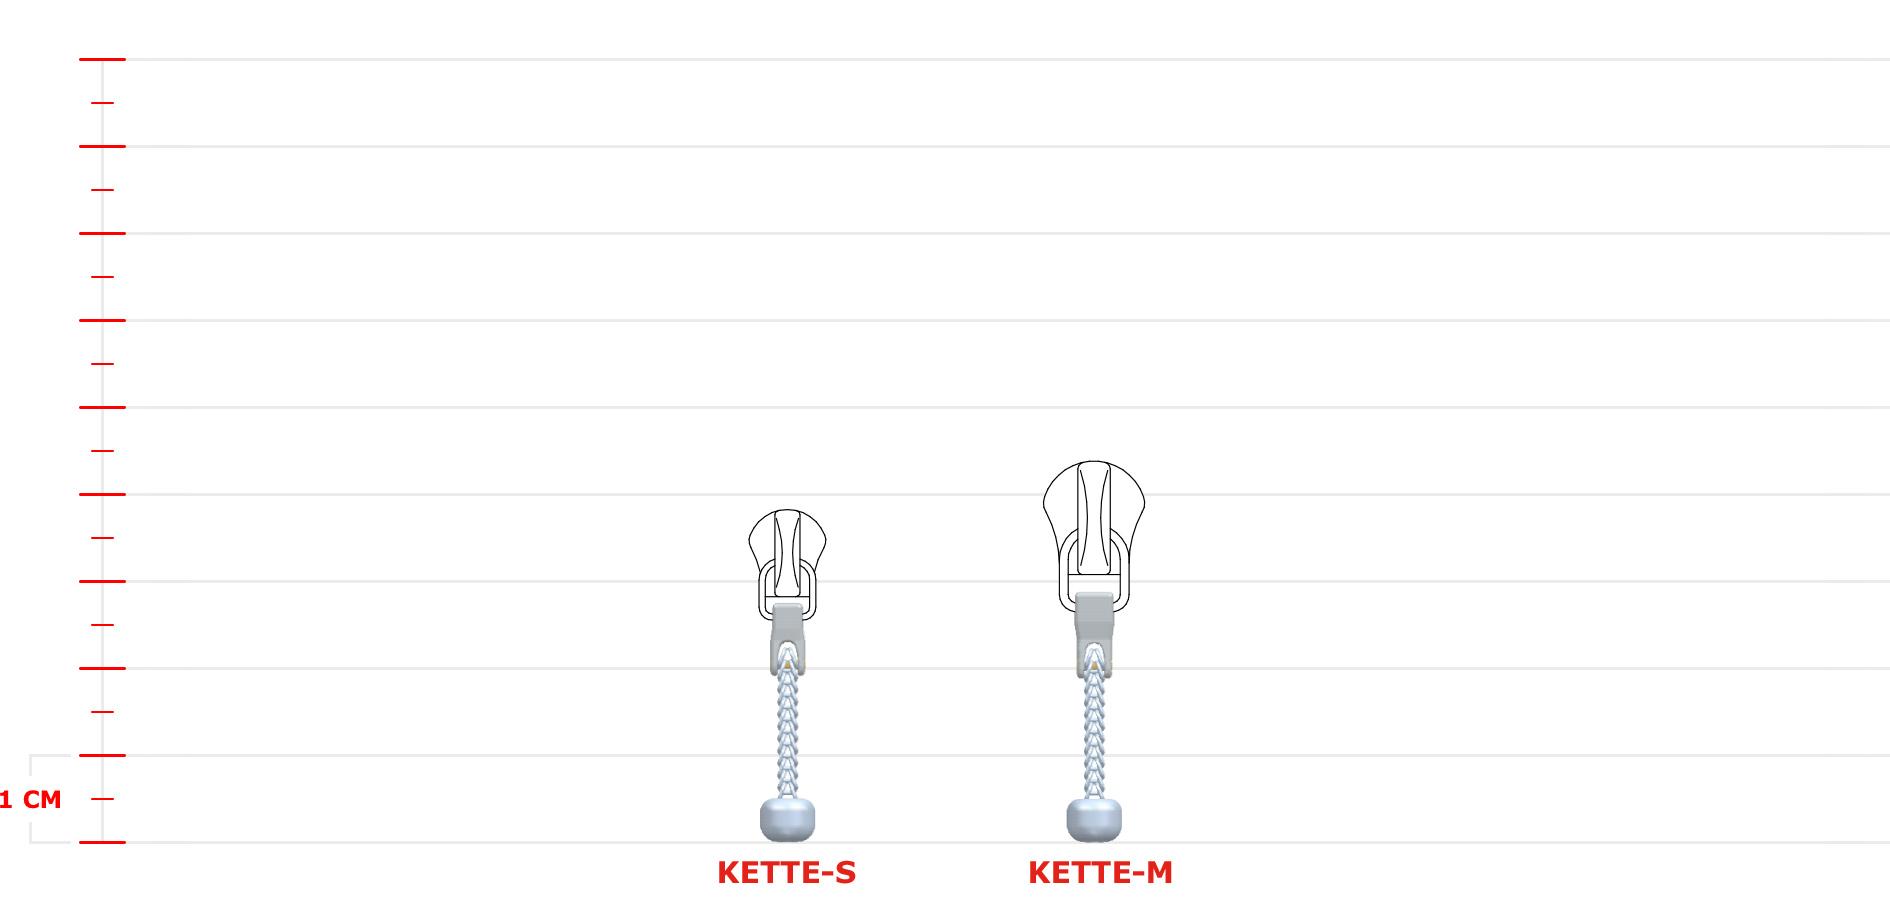 dimensioni-kette